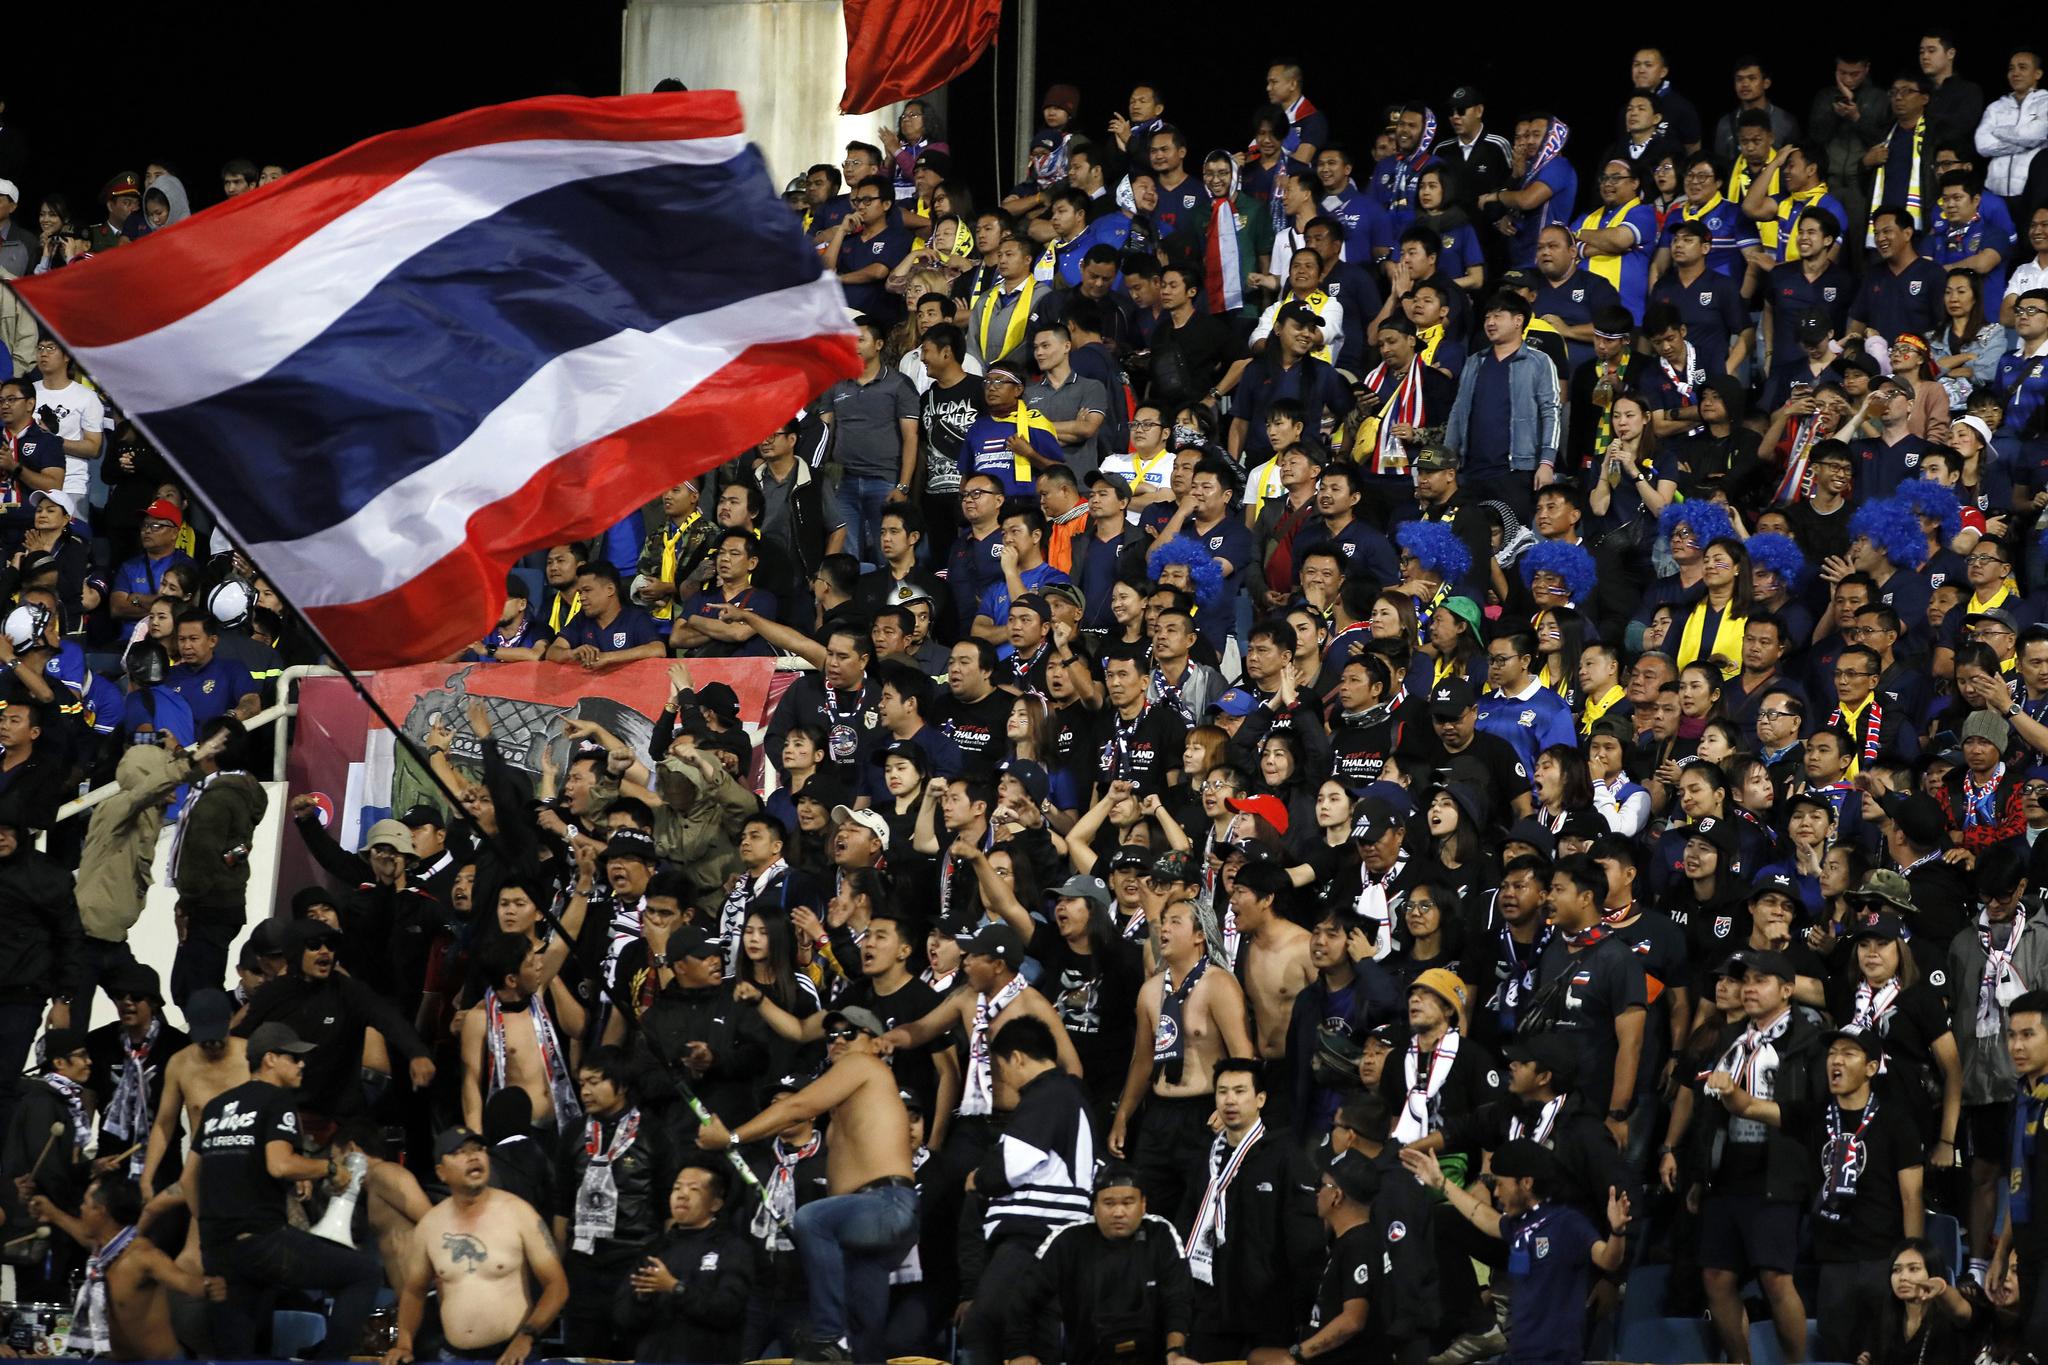 19일(현지시간) 베트남 하노이 미딘 국립경기장에서 열린 국제축구연맹(FIFA) 2022년 월드컵 아시아지역 2차 예선 G조 5차전 홈 경기에서 태국 관중이 환호하고 있다. [EPA=연합뉴스]